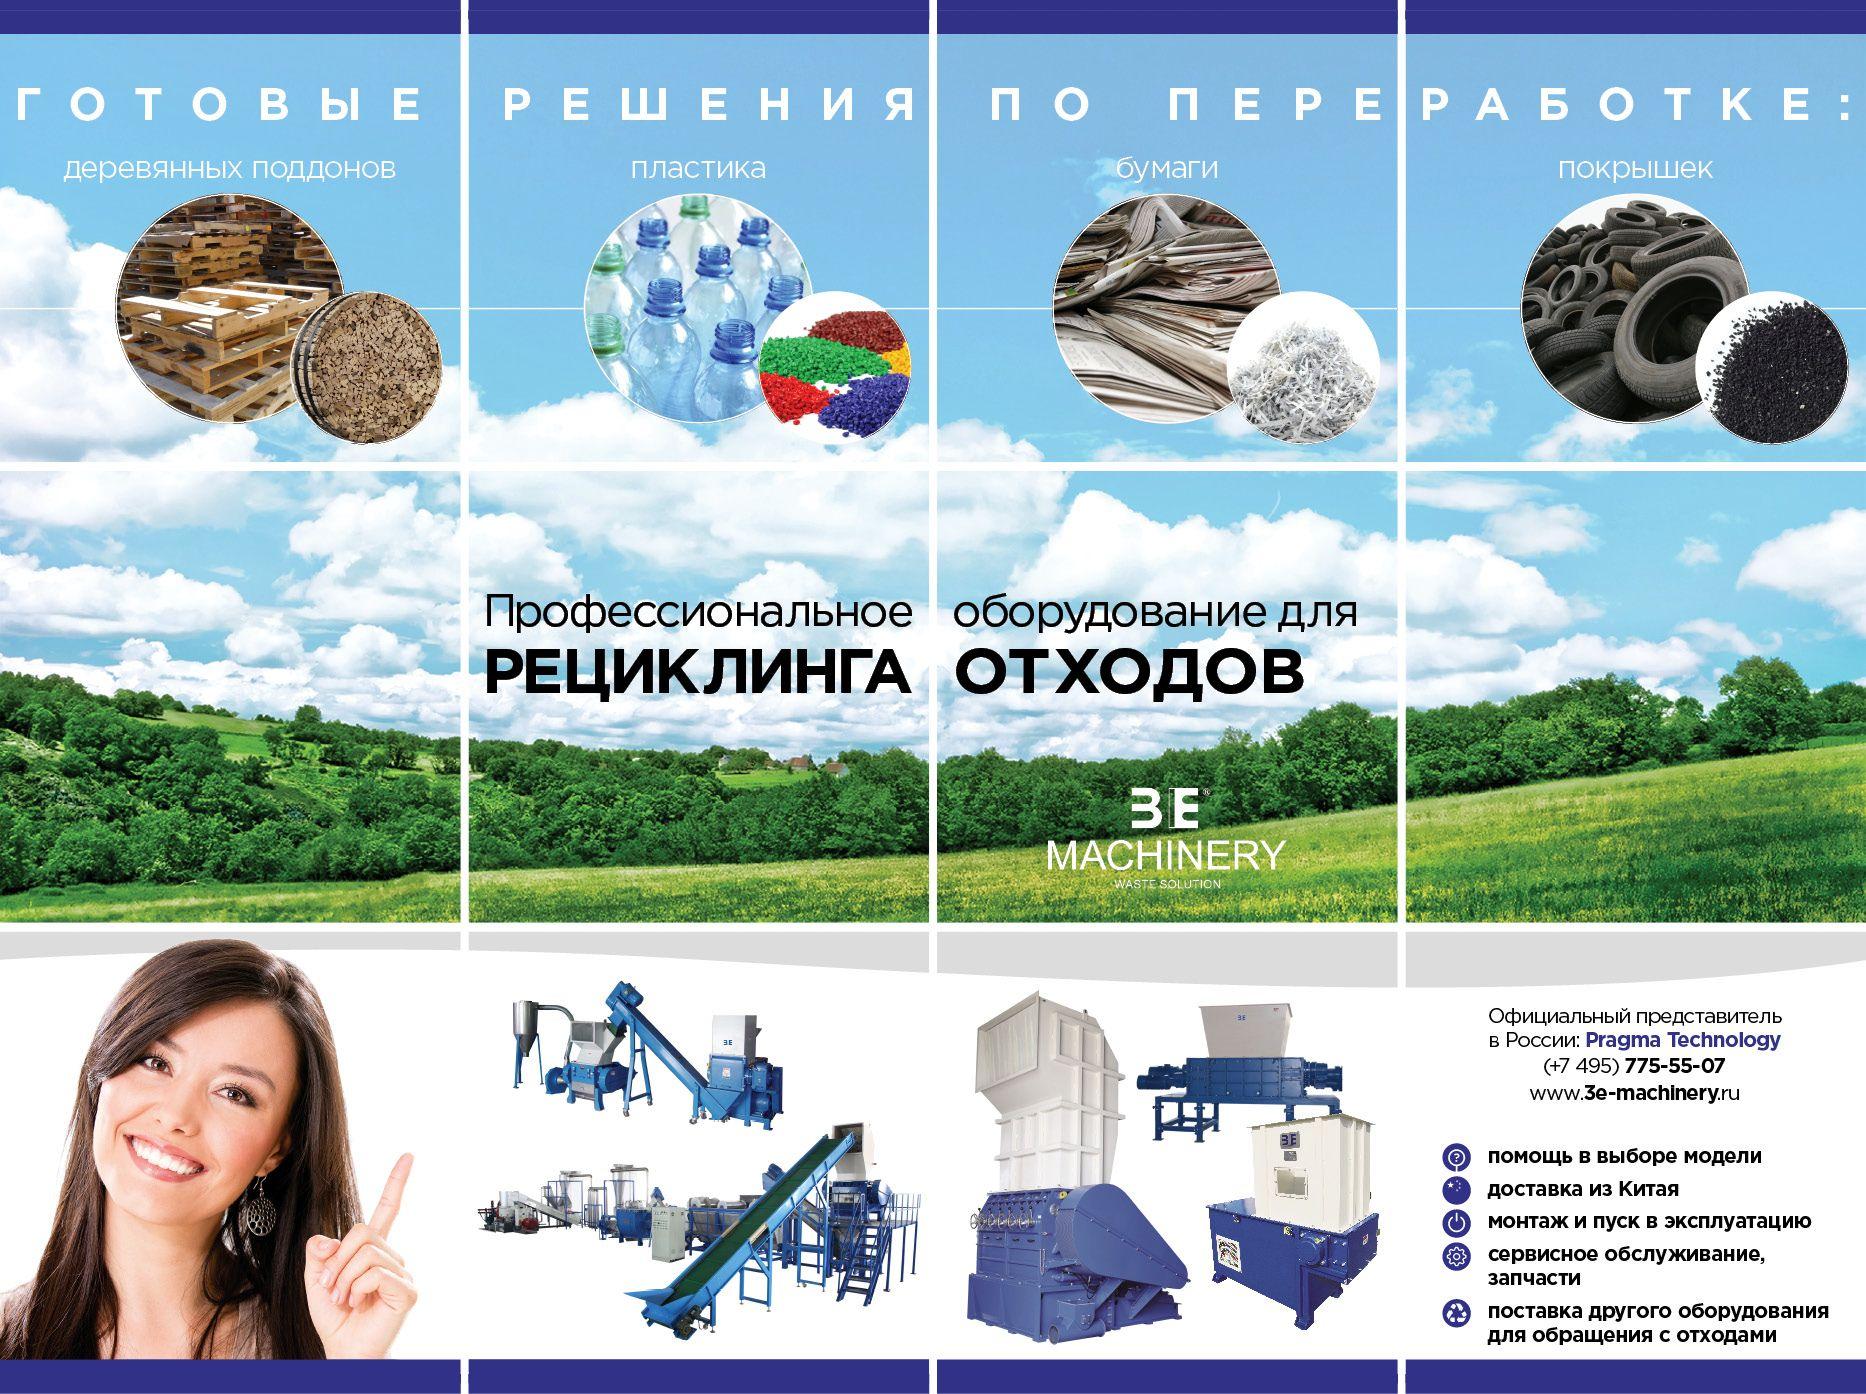 Дизайн мобильного рекламного стенда - дизайнер chumarkov